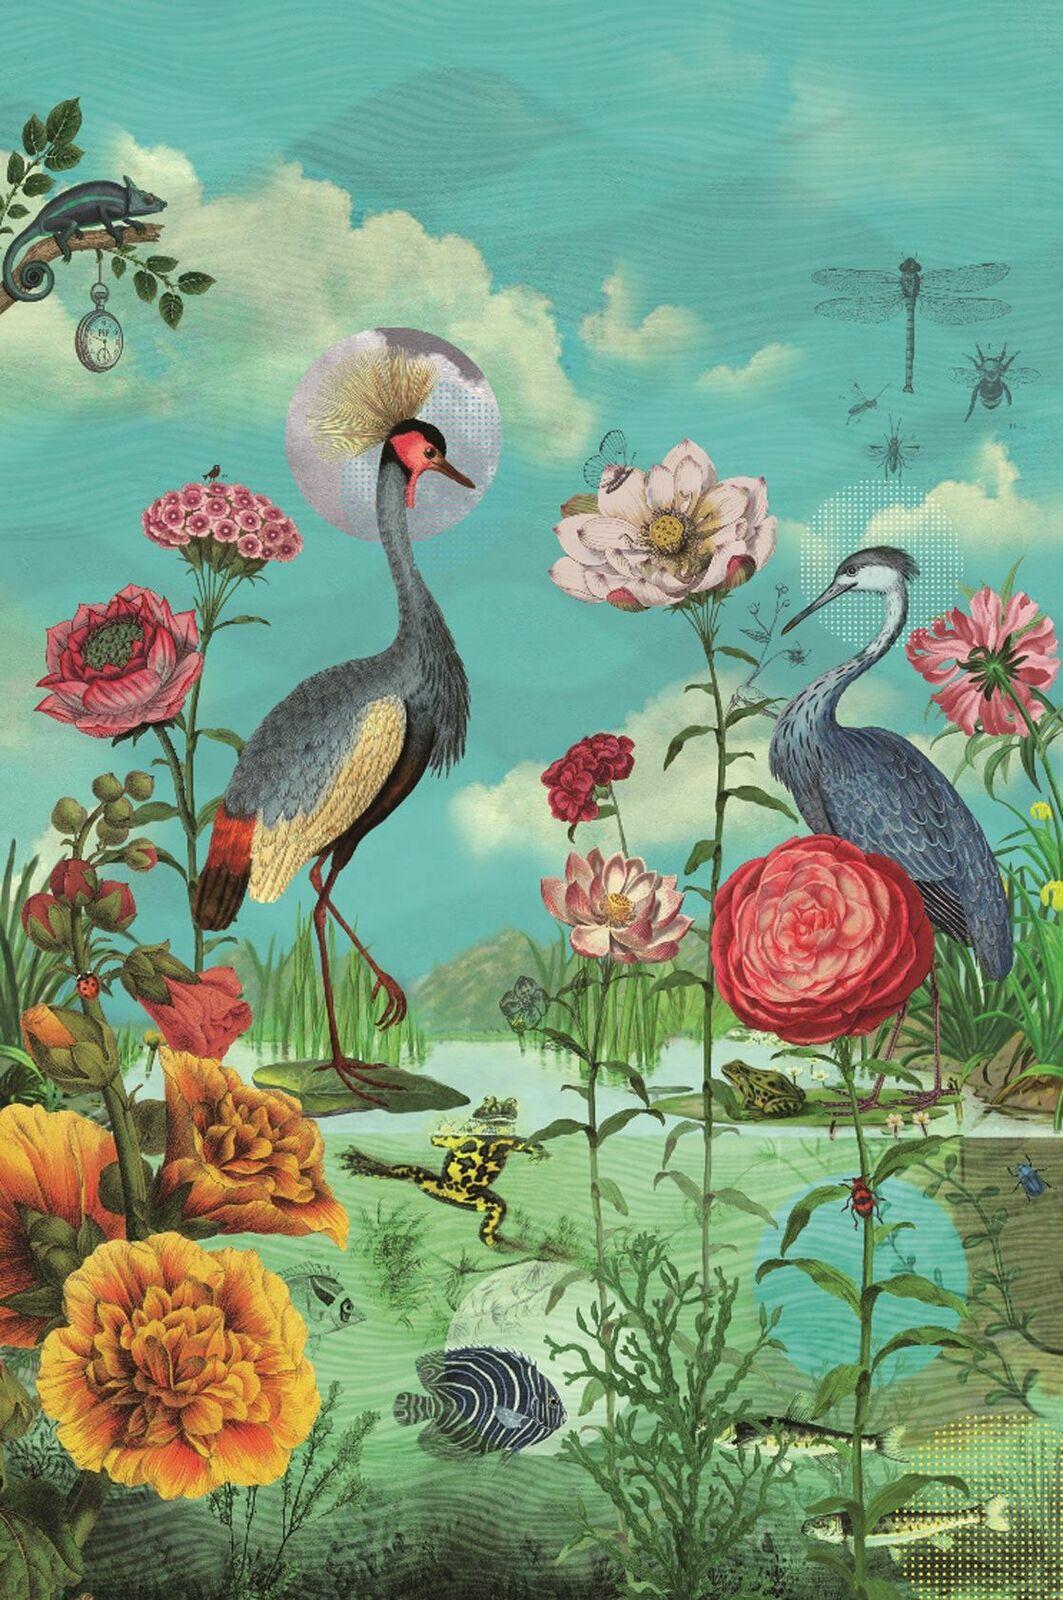 341099 - Pip Studio 3 Kiss the Frog Multicoloured Eijffinger Wallpaper Mural